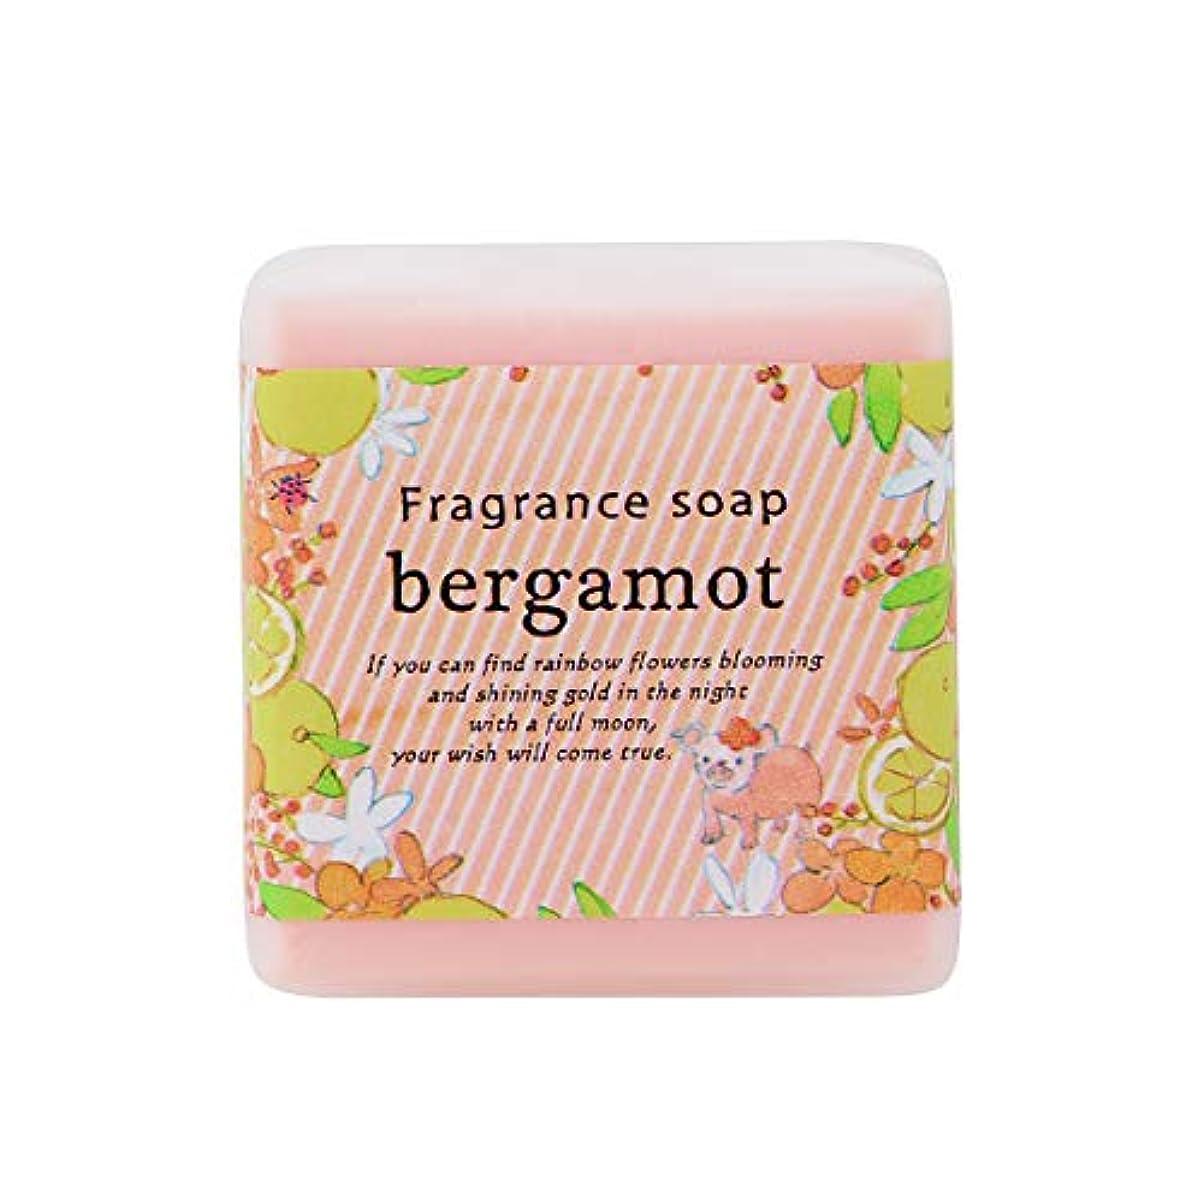 節約無謀誰かサンハーブ フレグランスソープ40g ベルガモット 12個(プチ石けん ゲストソープ 懐かしい甘酸っぱい香り)